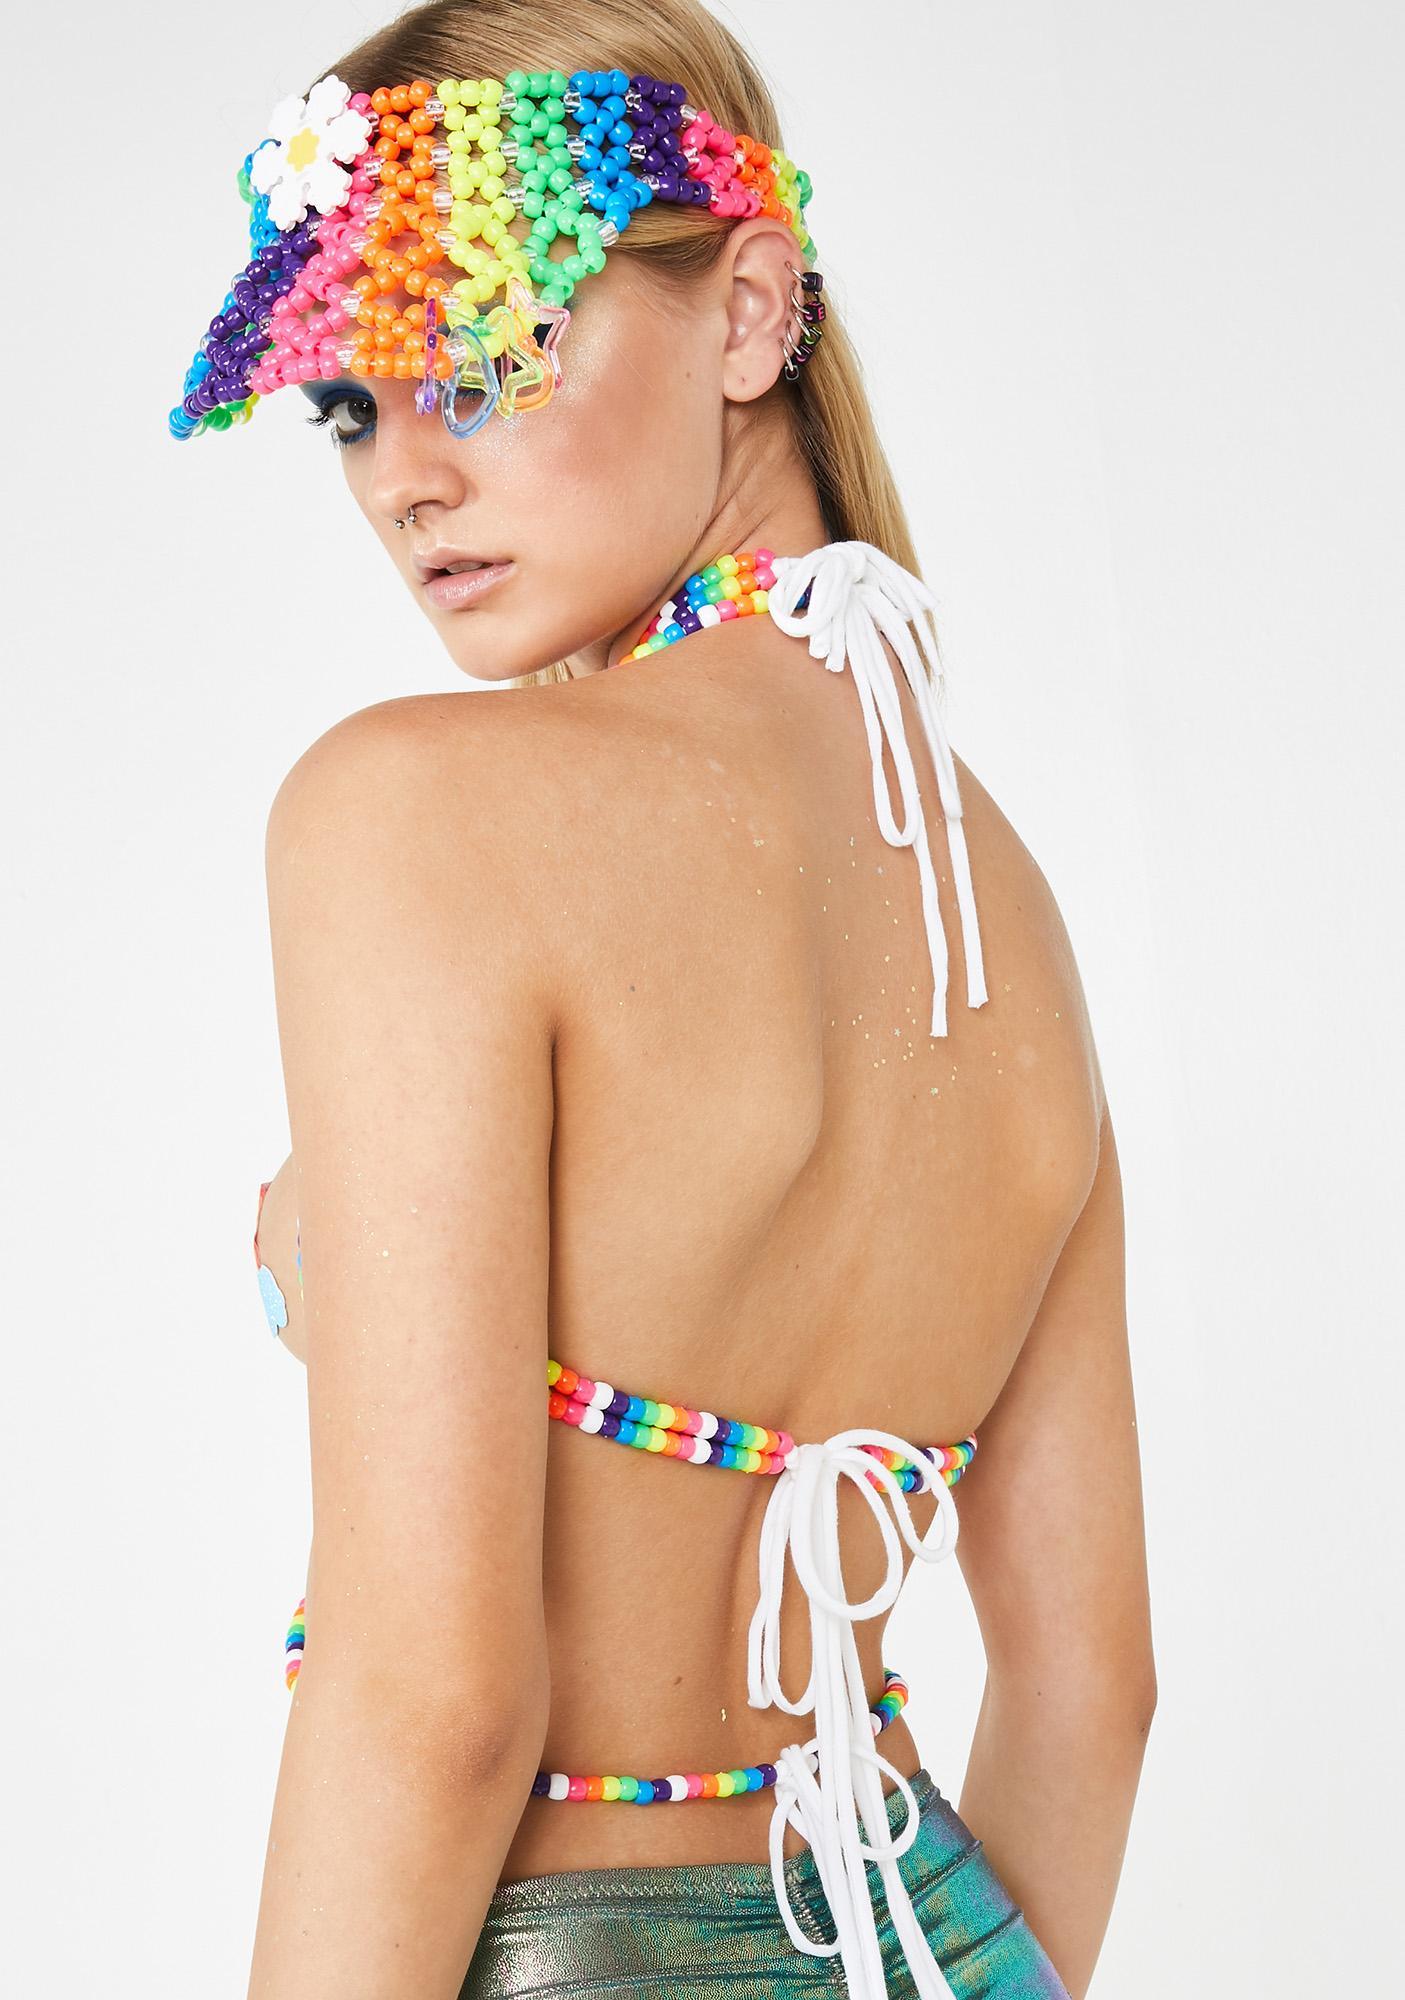 Kanditoybox Universal Rainbow Kandi Harness